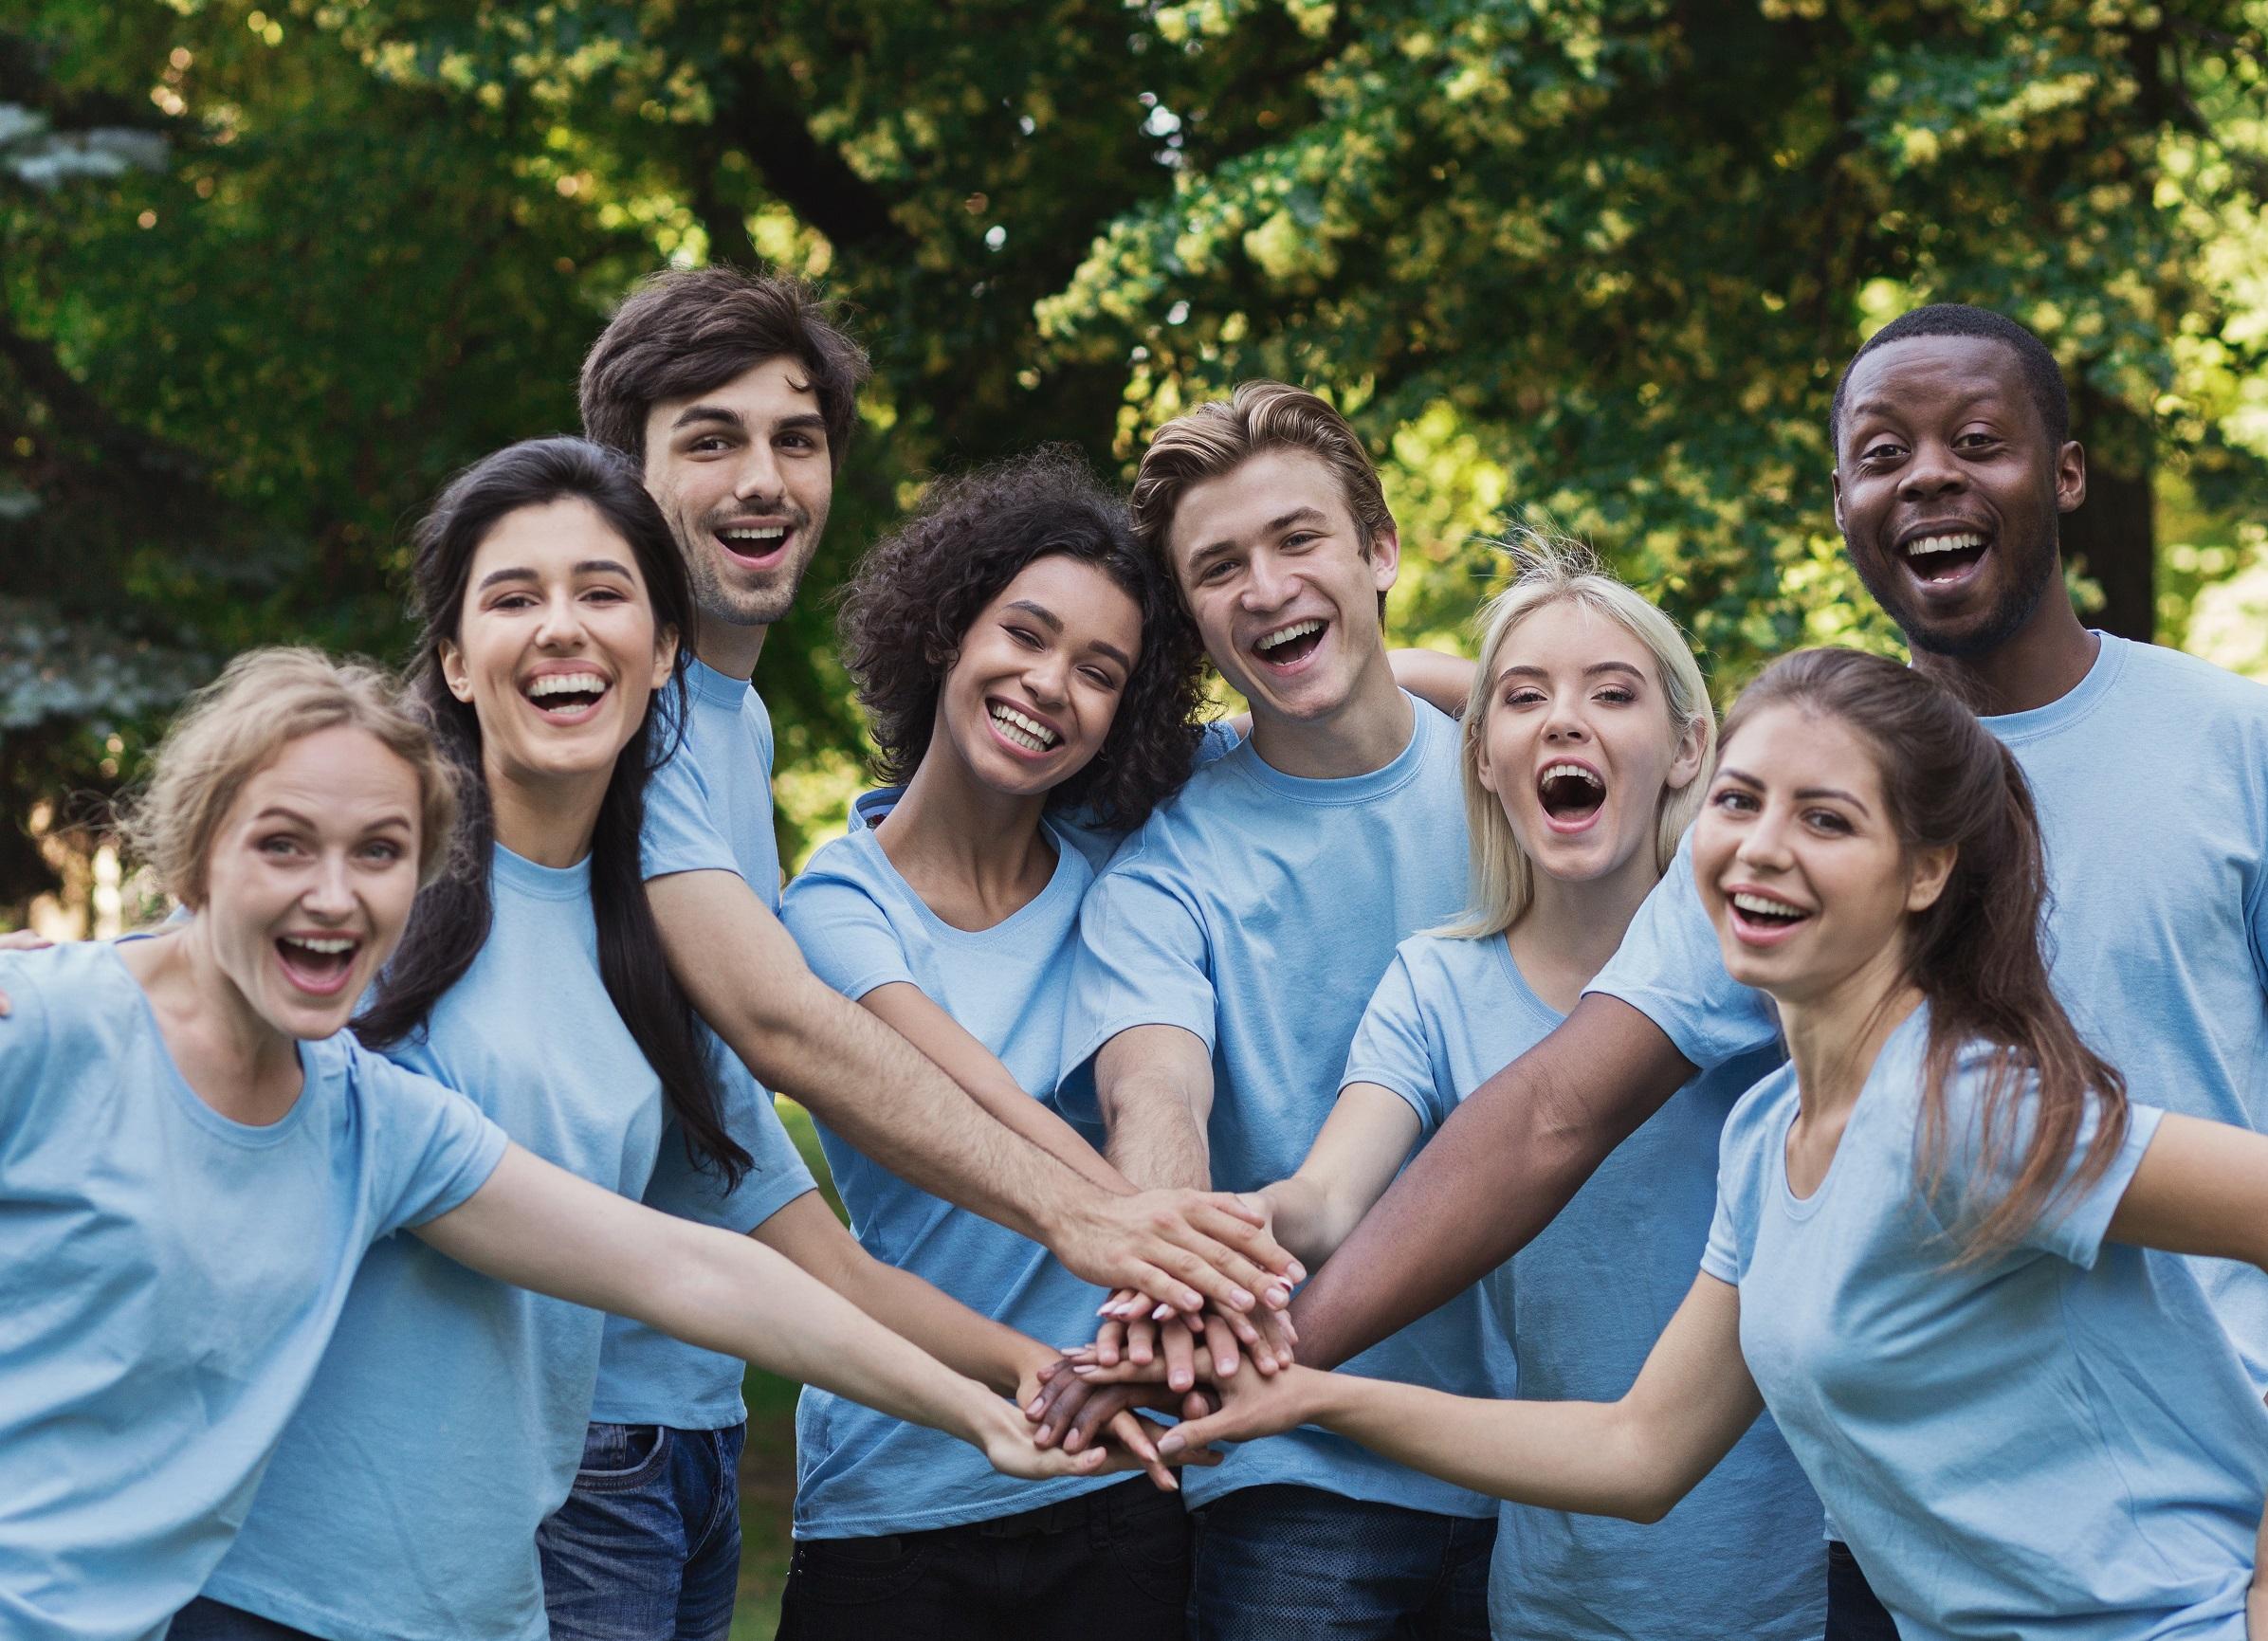 Bli frivillig illustrasjonsbilde av gruppe mennesker med hevet arm. Tittel over bilde: «We need you!»